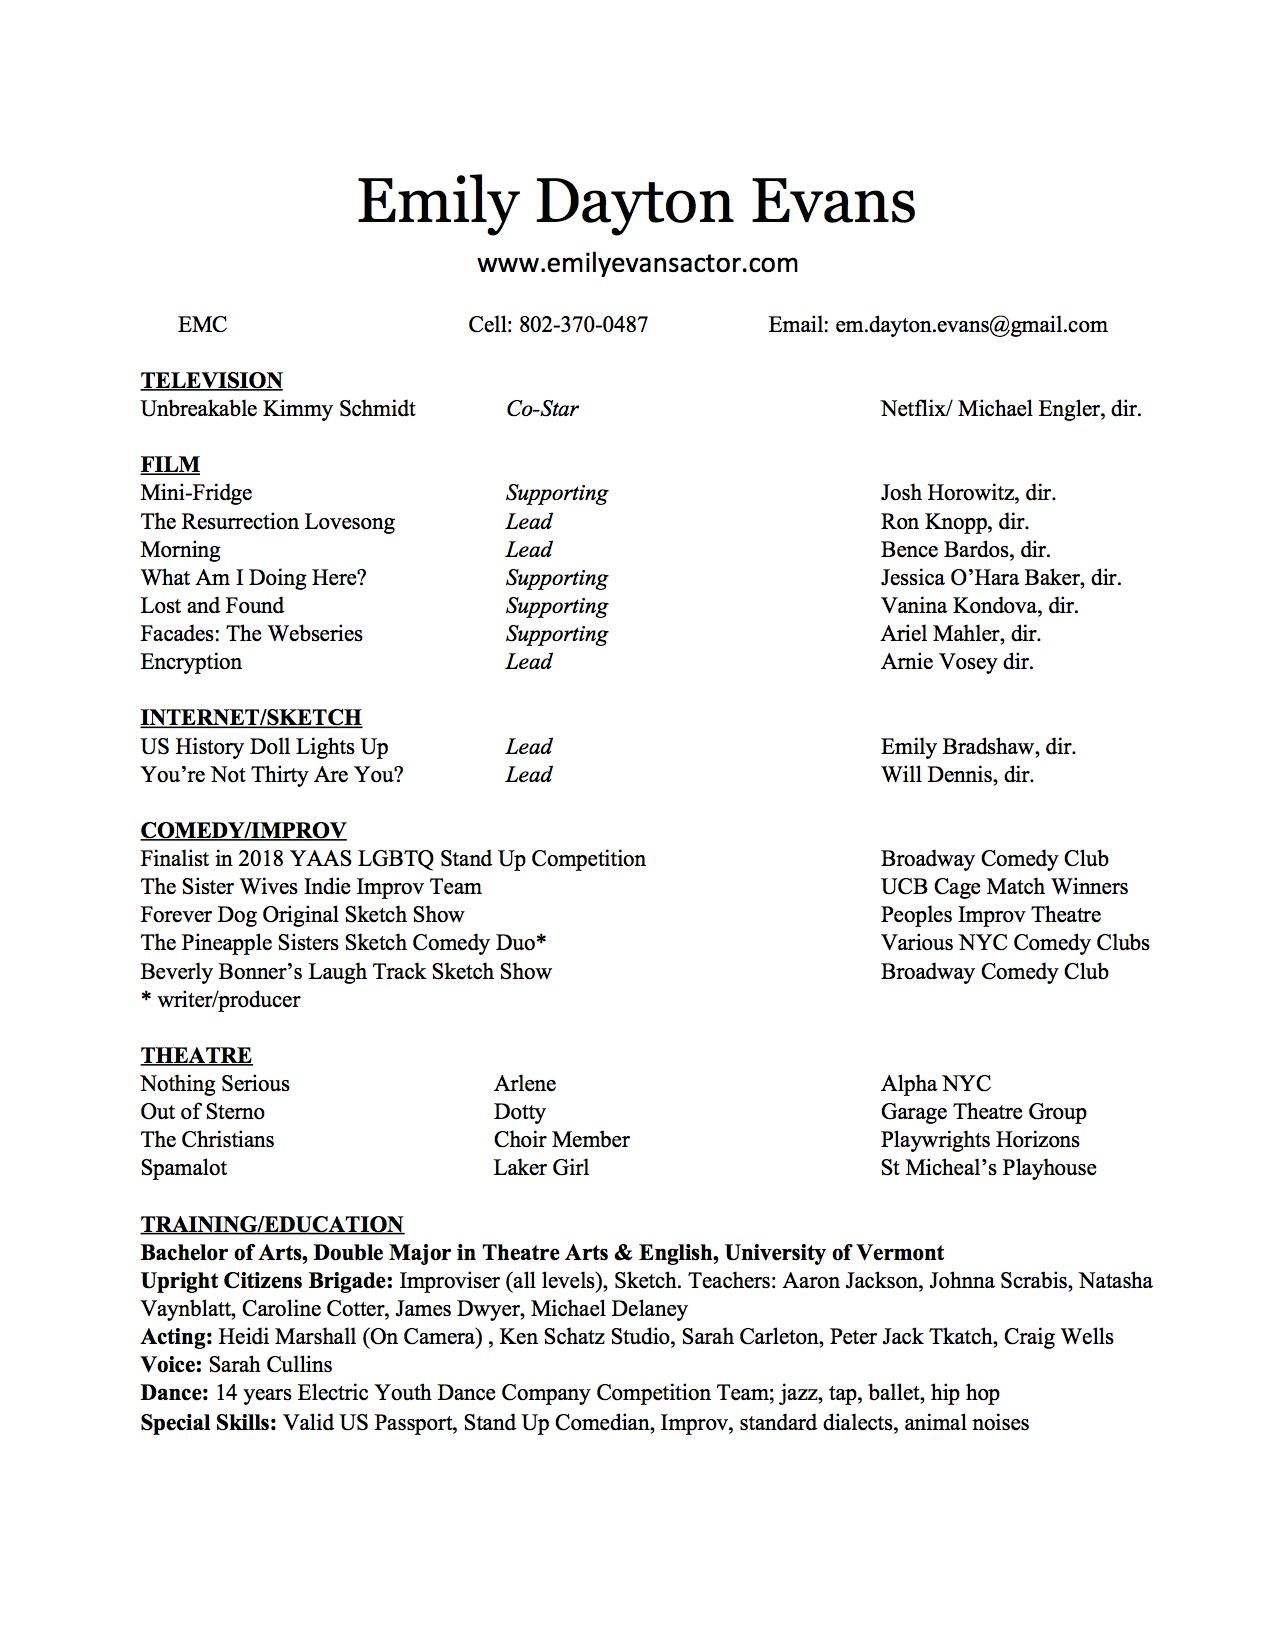 Acting Emily Dayton Evans